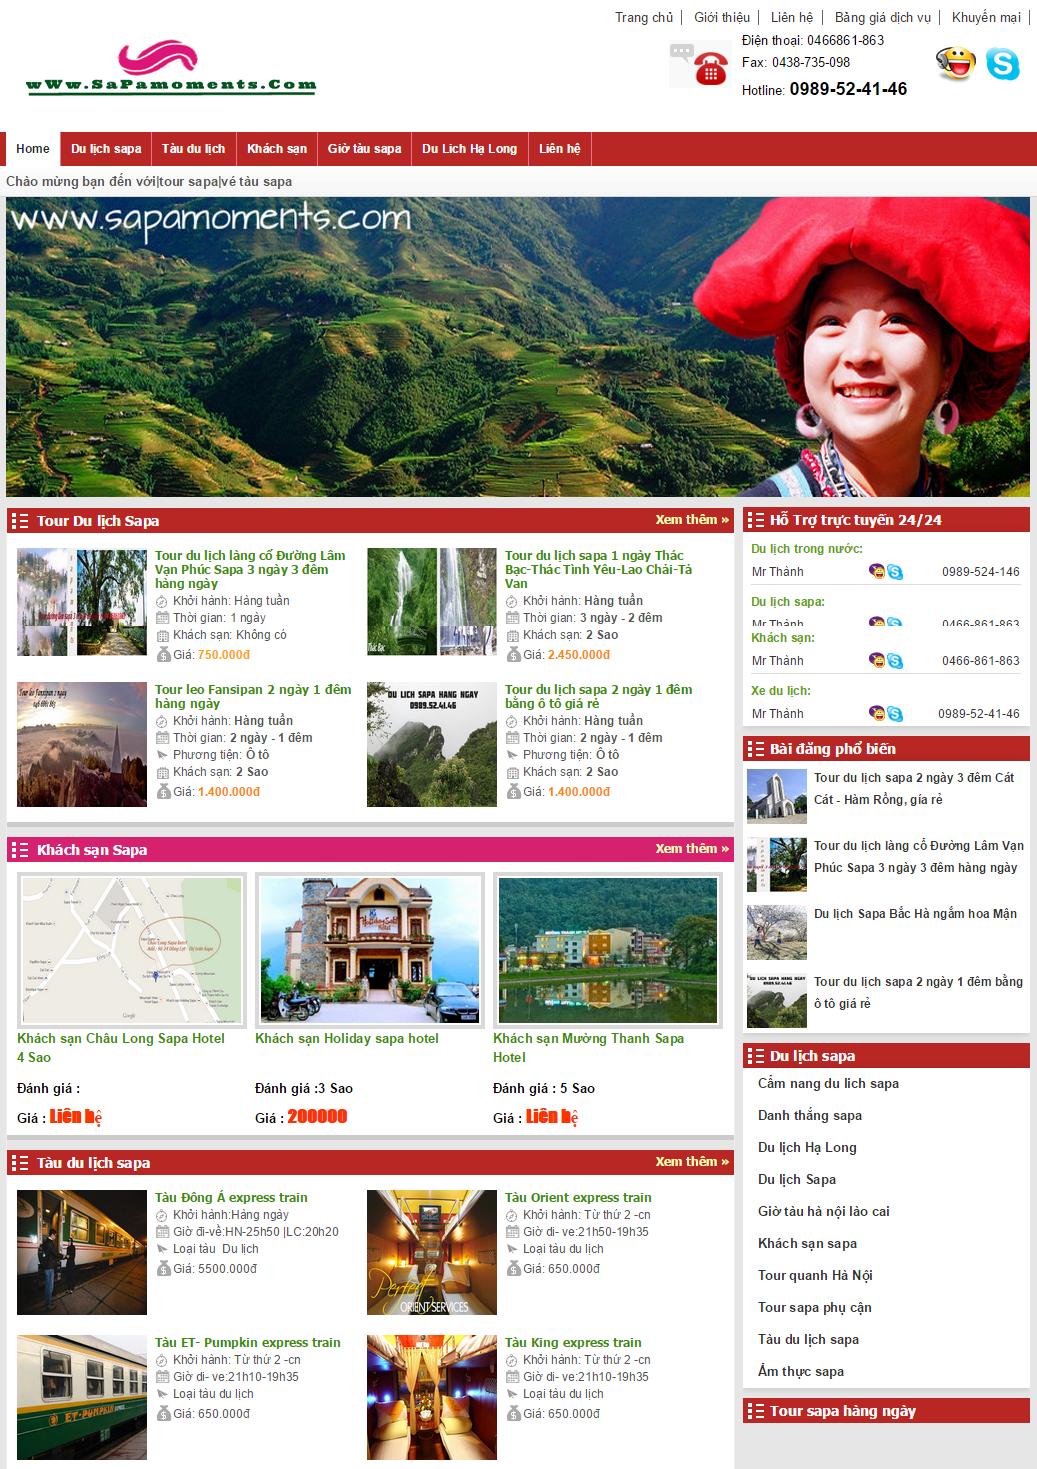 Mẫu du lịch website du lịch - 001